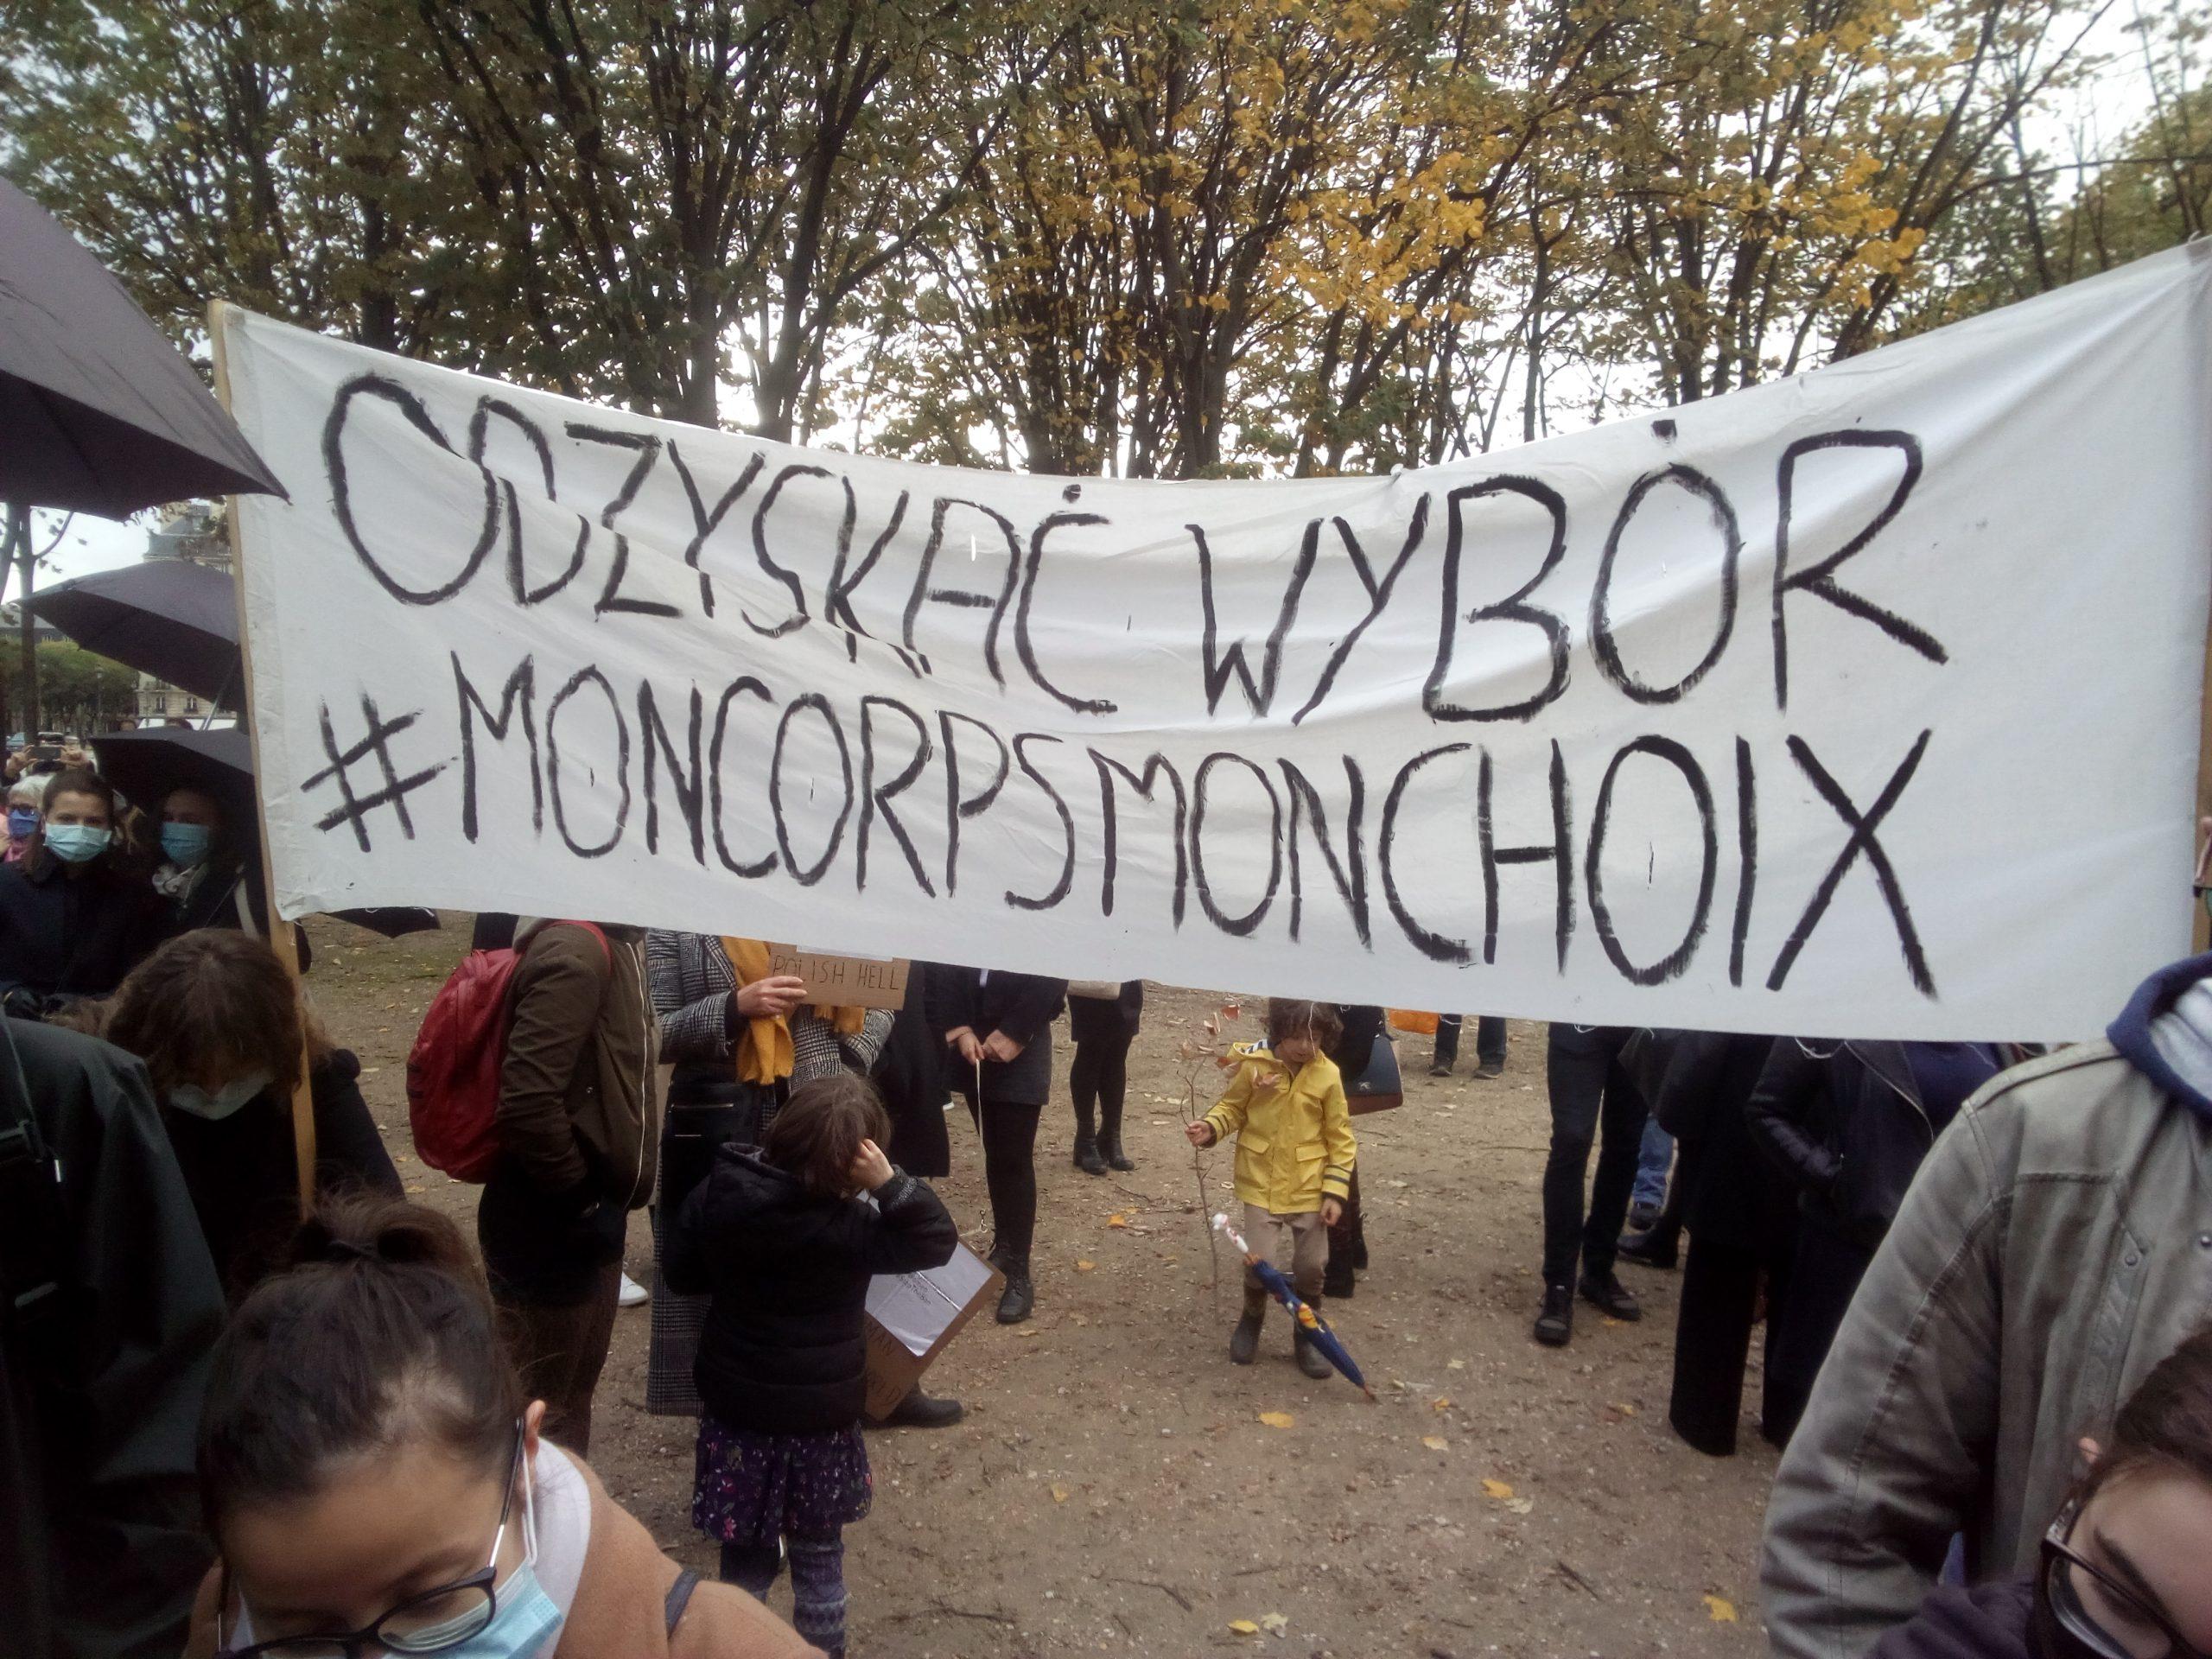 Rassemblement devant l'ambassade de Pologne: Non à la remise en cause du droit à l'avortement!